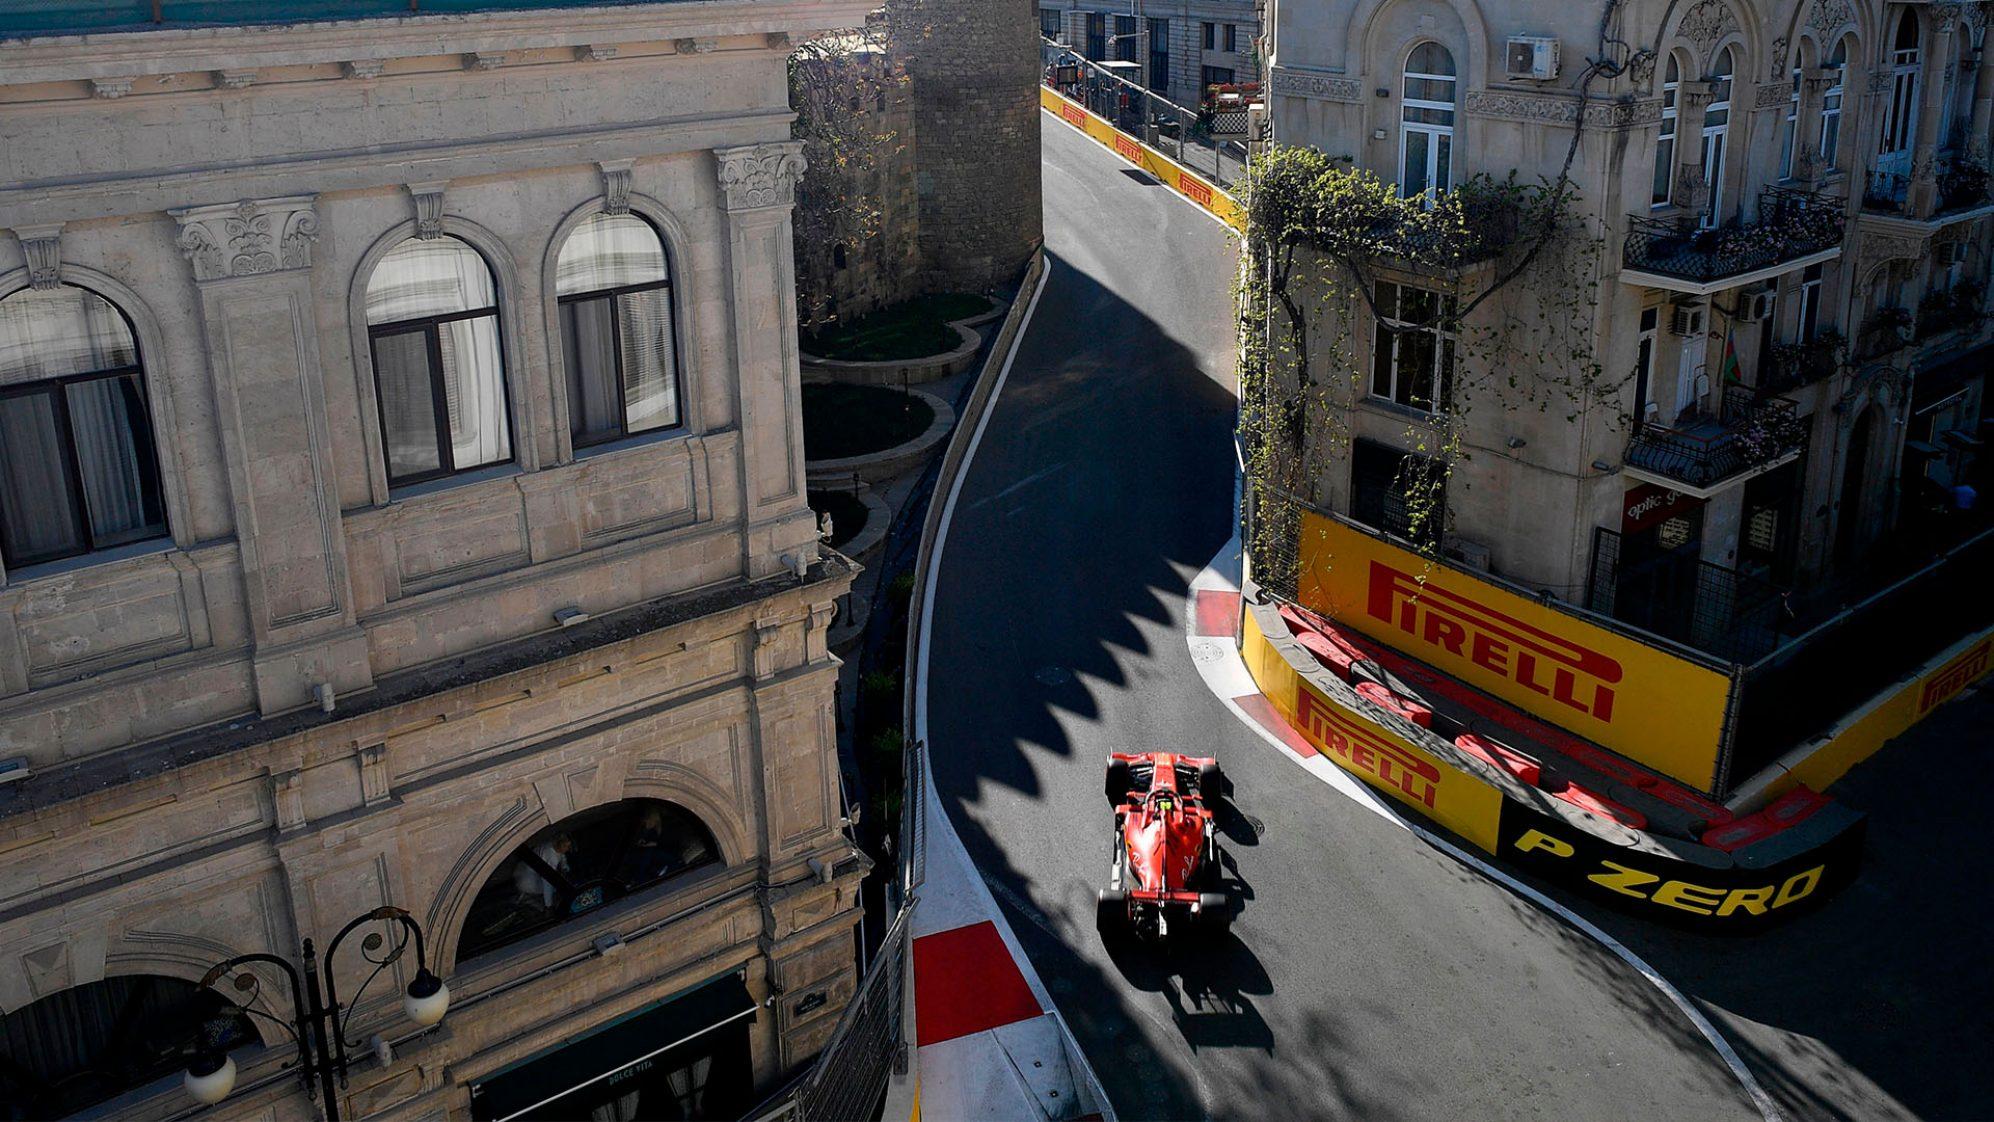 97.-Formula1-Azerbaiyan-cicruito-1.jpg